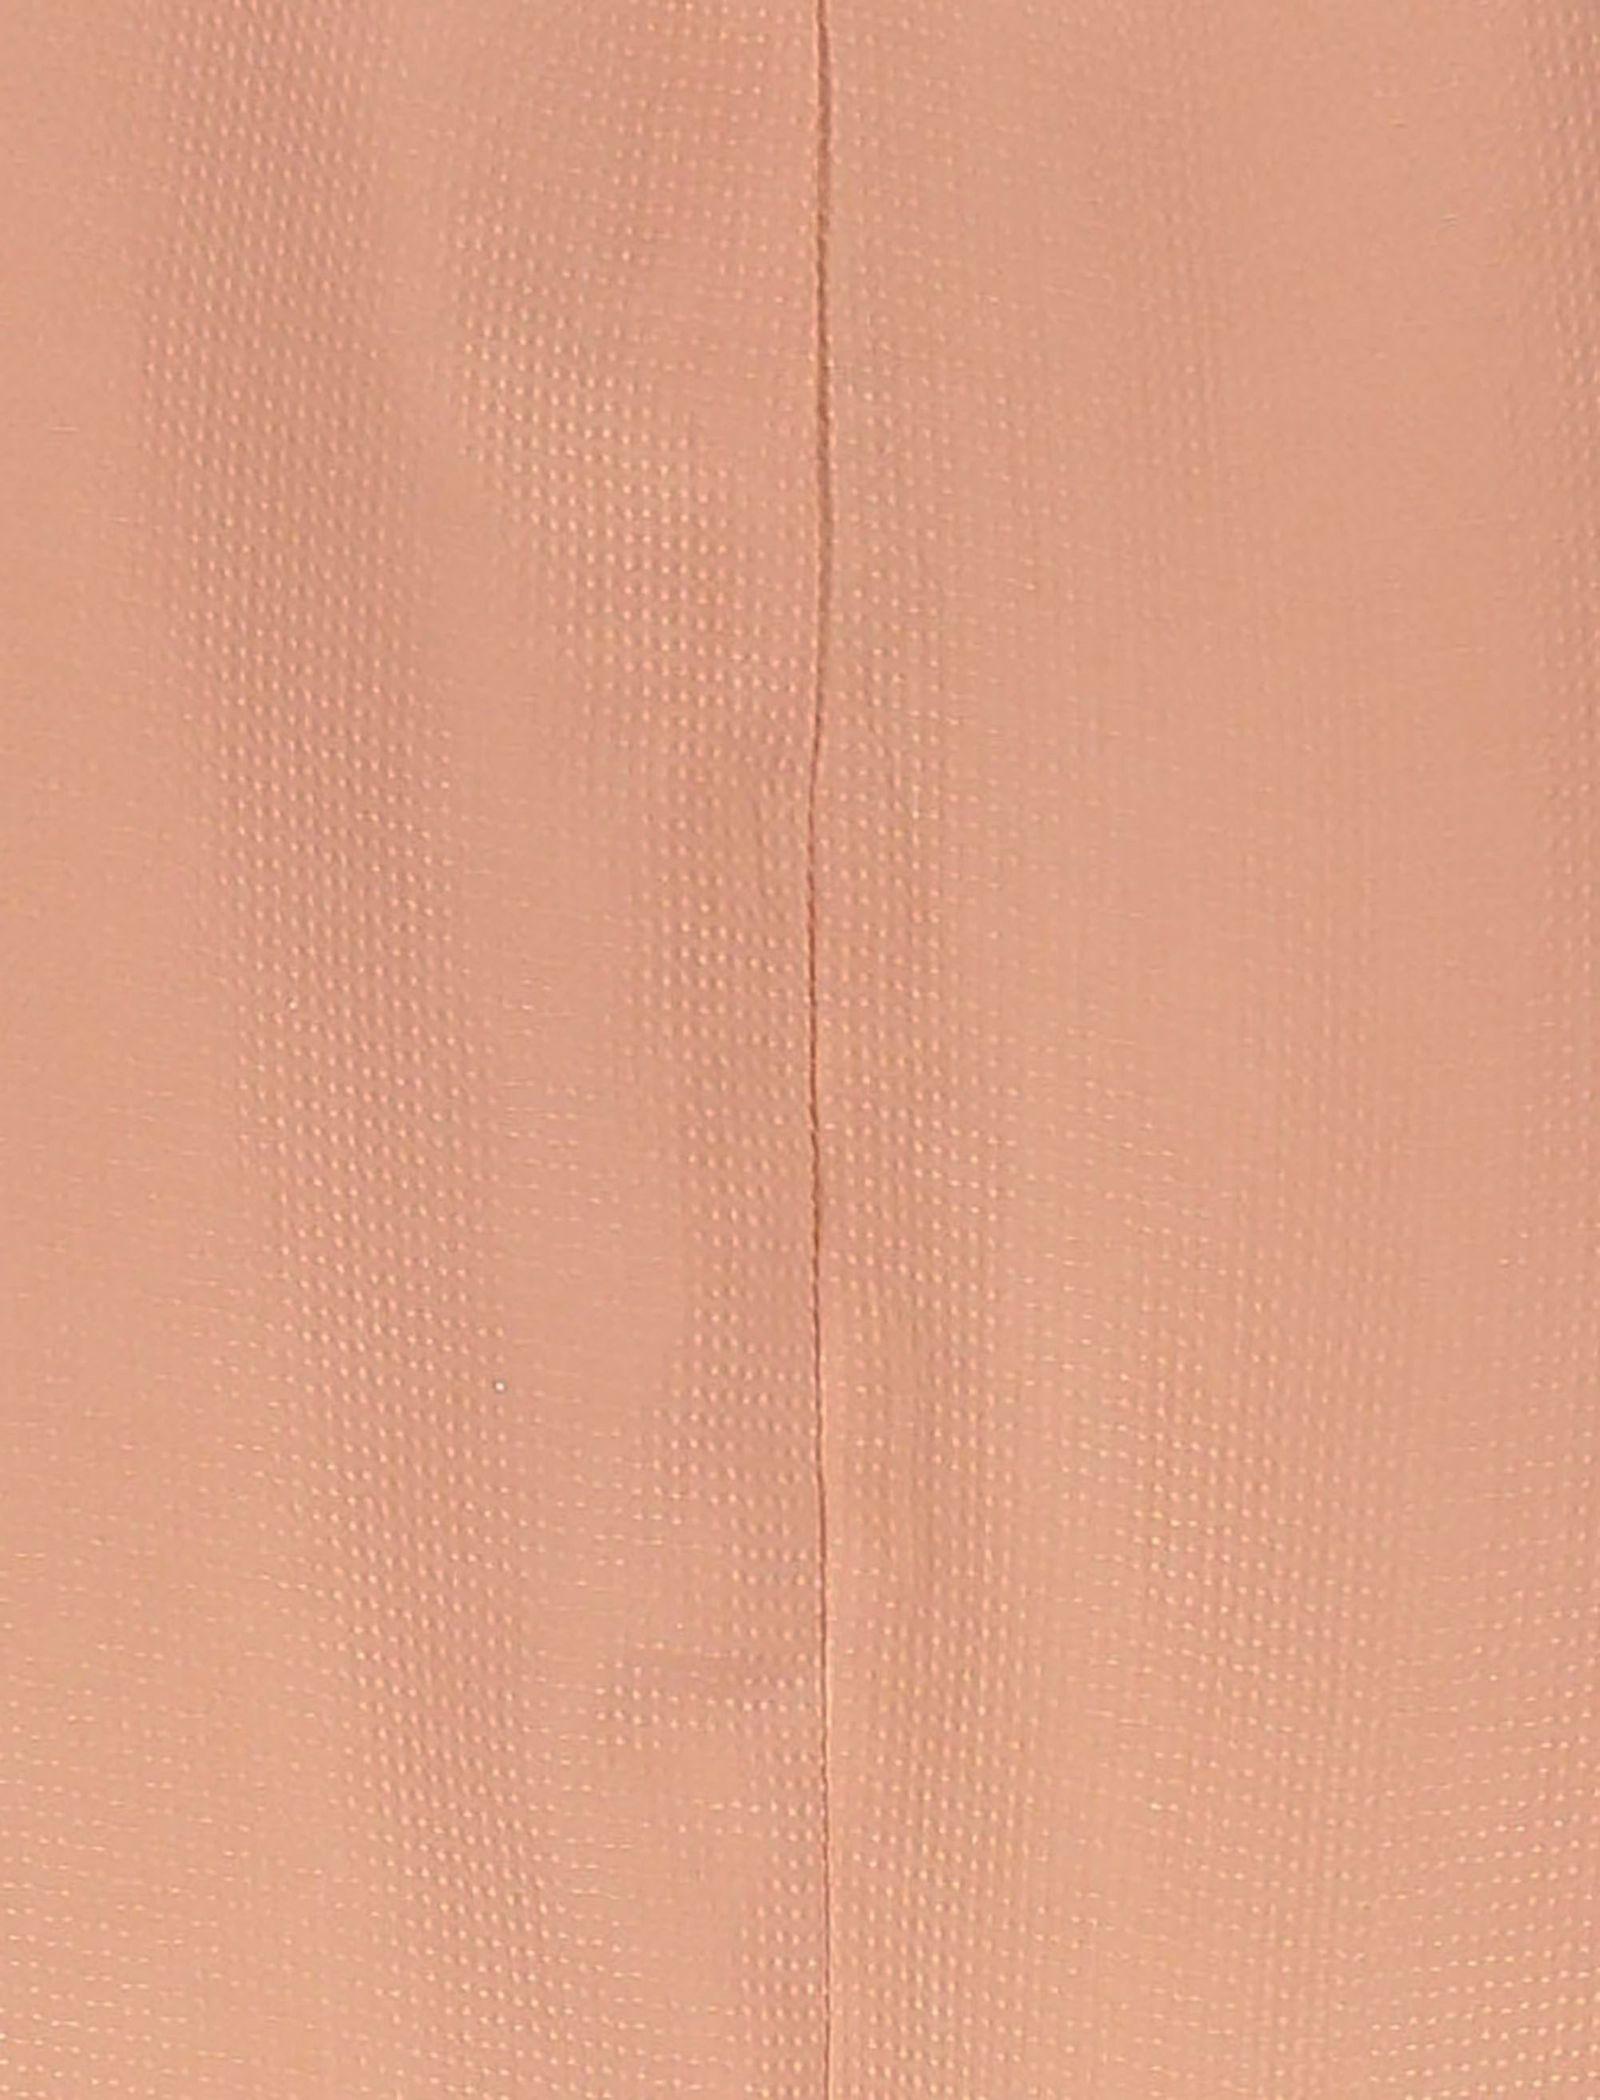 پیراهن کوتاه زنانه - مینیموم - صورتي - 5